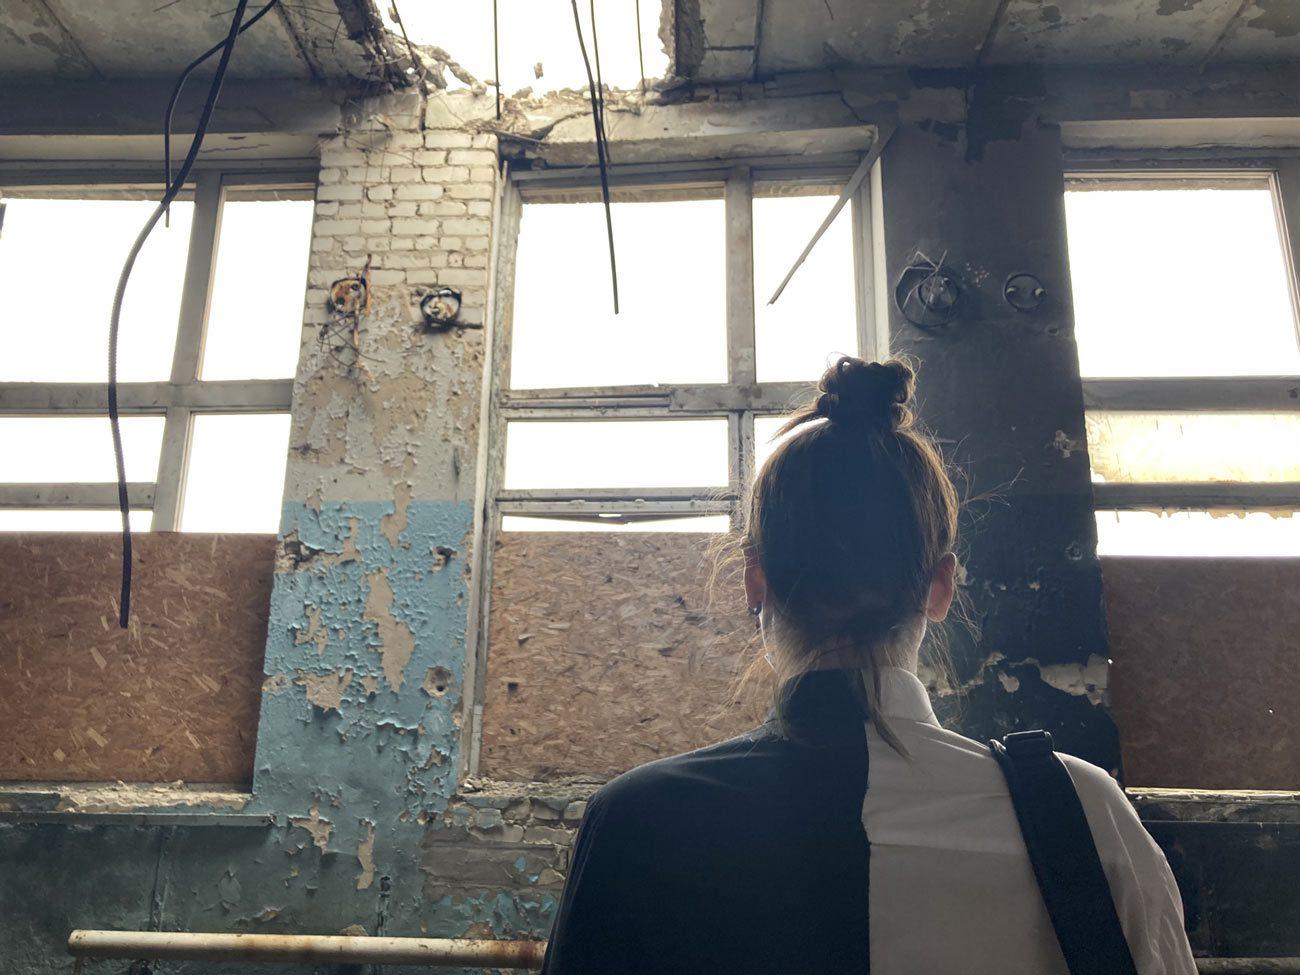 troicke 03 - <b>Город с собой: Троицкое.</b> Репортаж с прифронтового поселка - Заборона